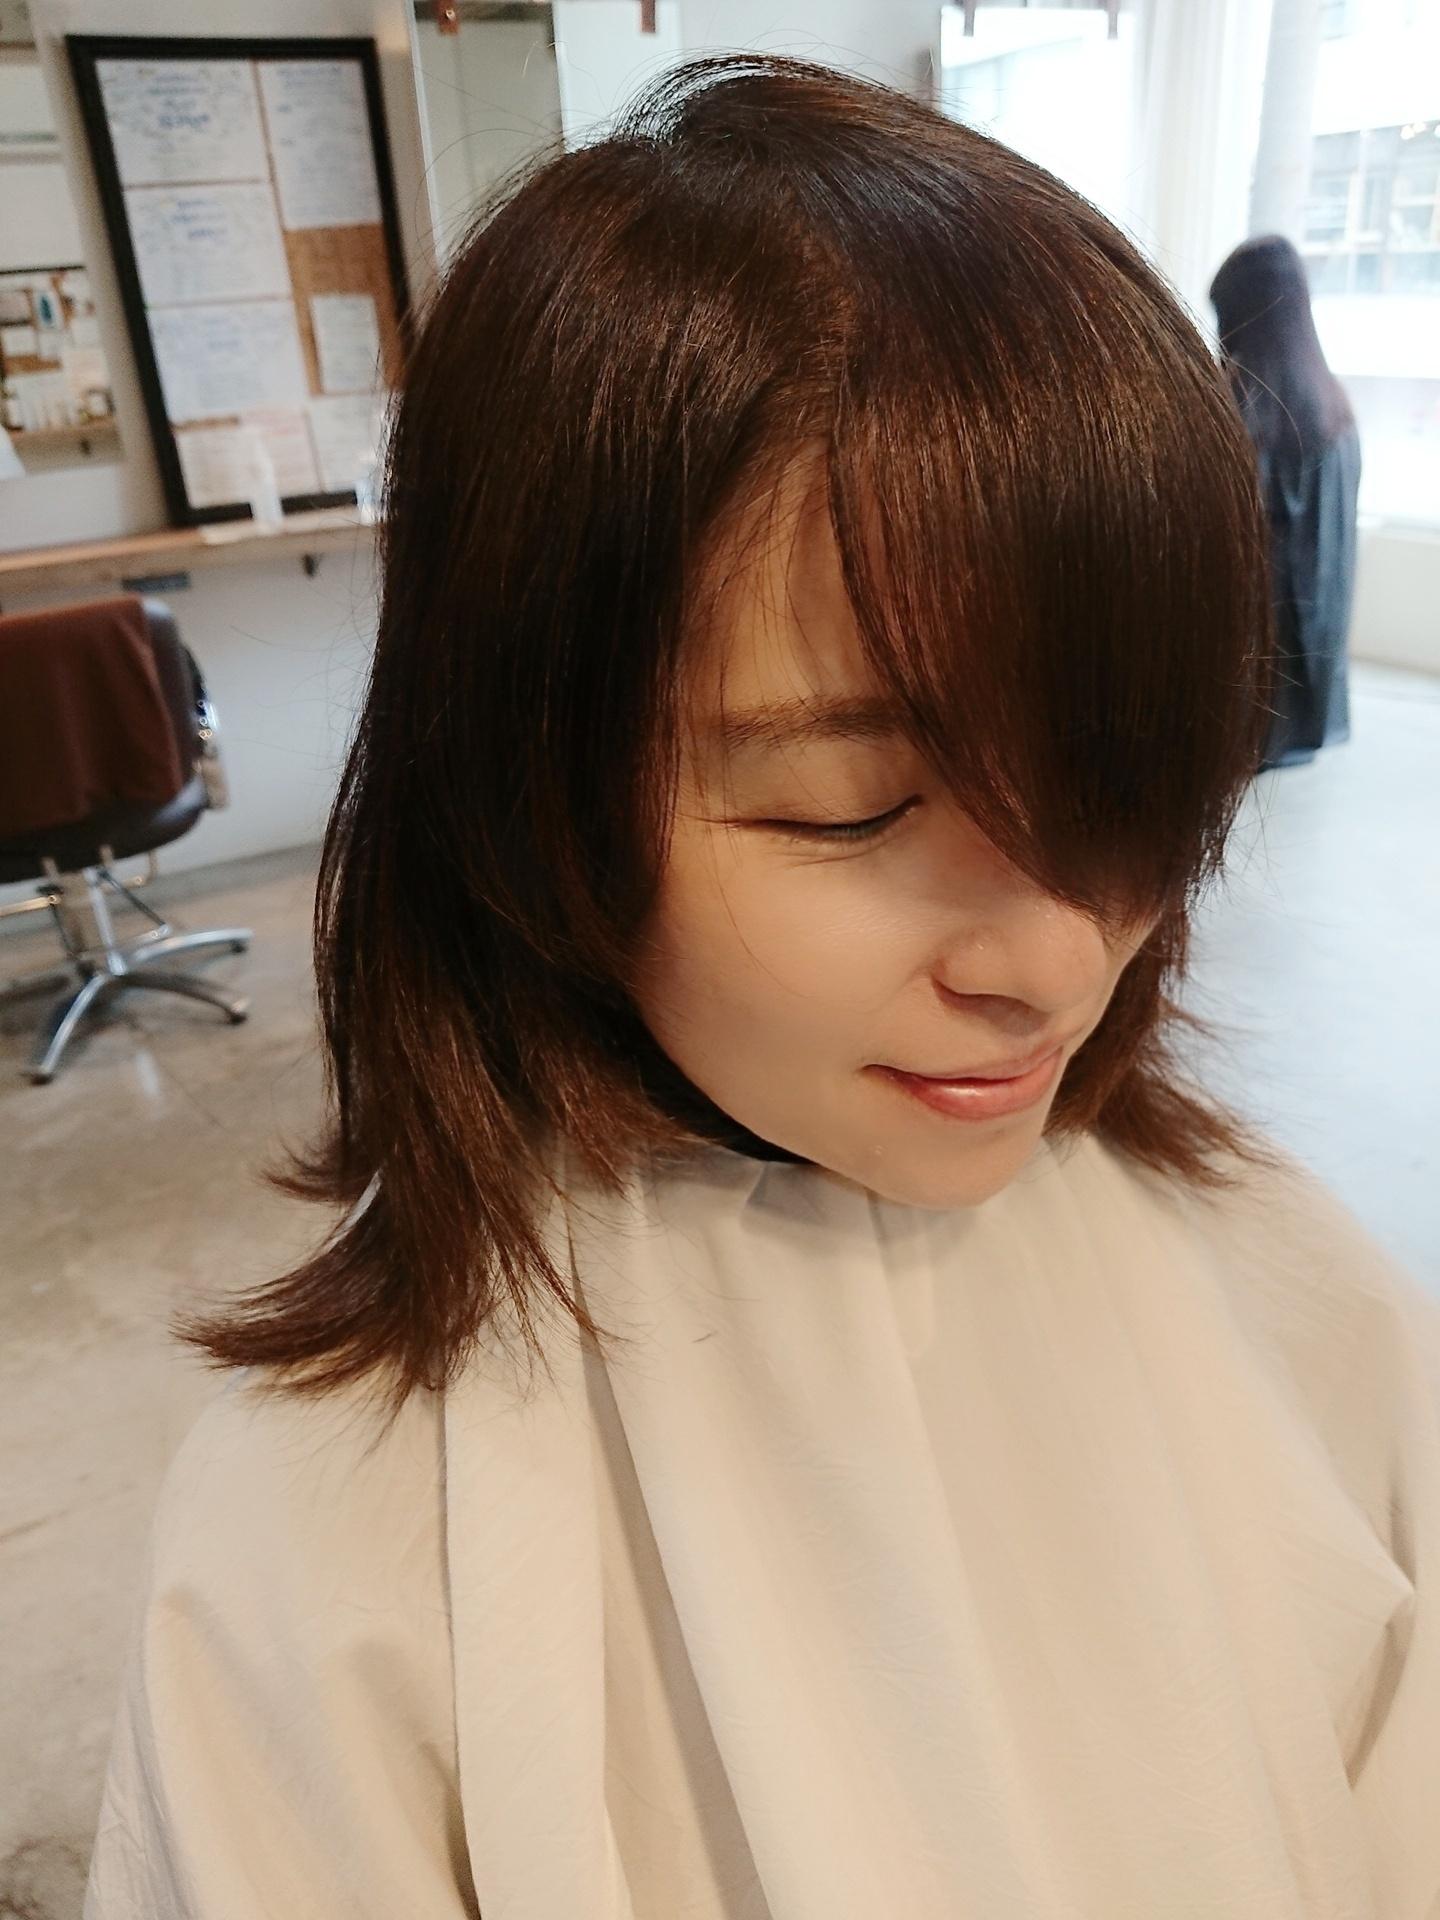 髪質改善出来てきた元気な髪をどうやってスタイリングする?を美容師さんに相談